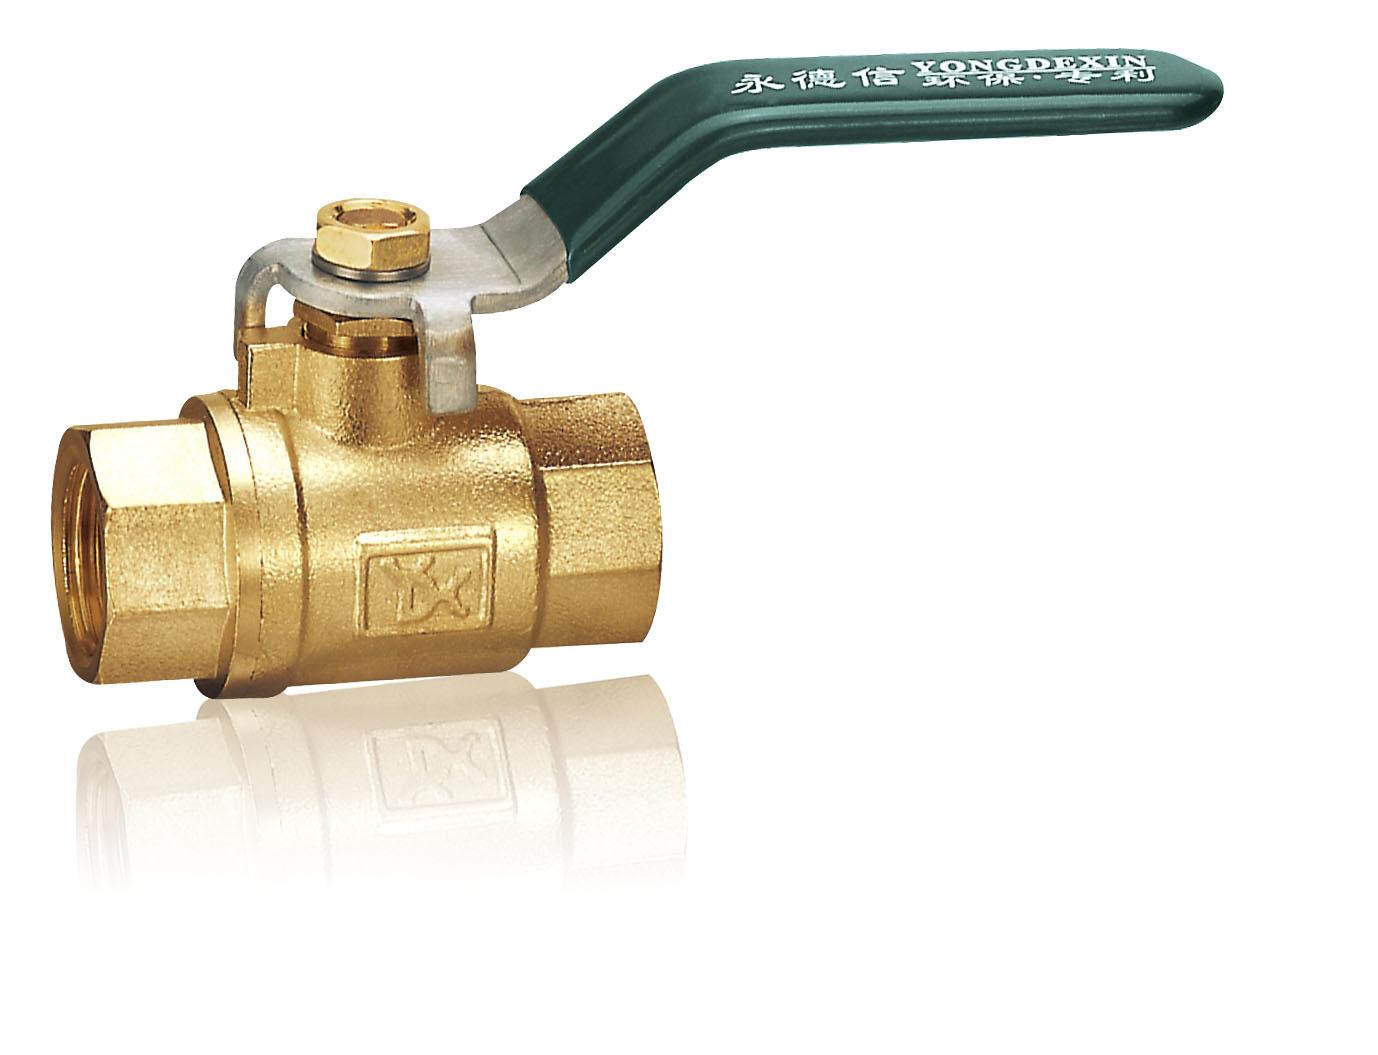 泉州蝶閥價格|新世紀水暖器材提供泉州地區實惠的球閥